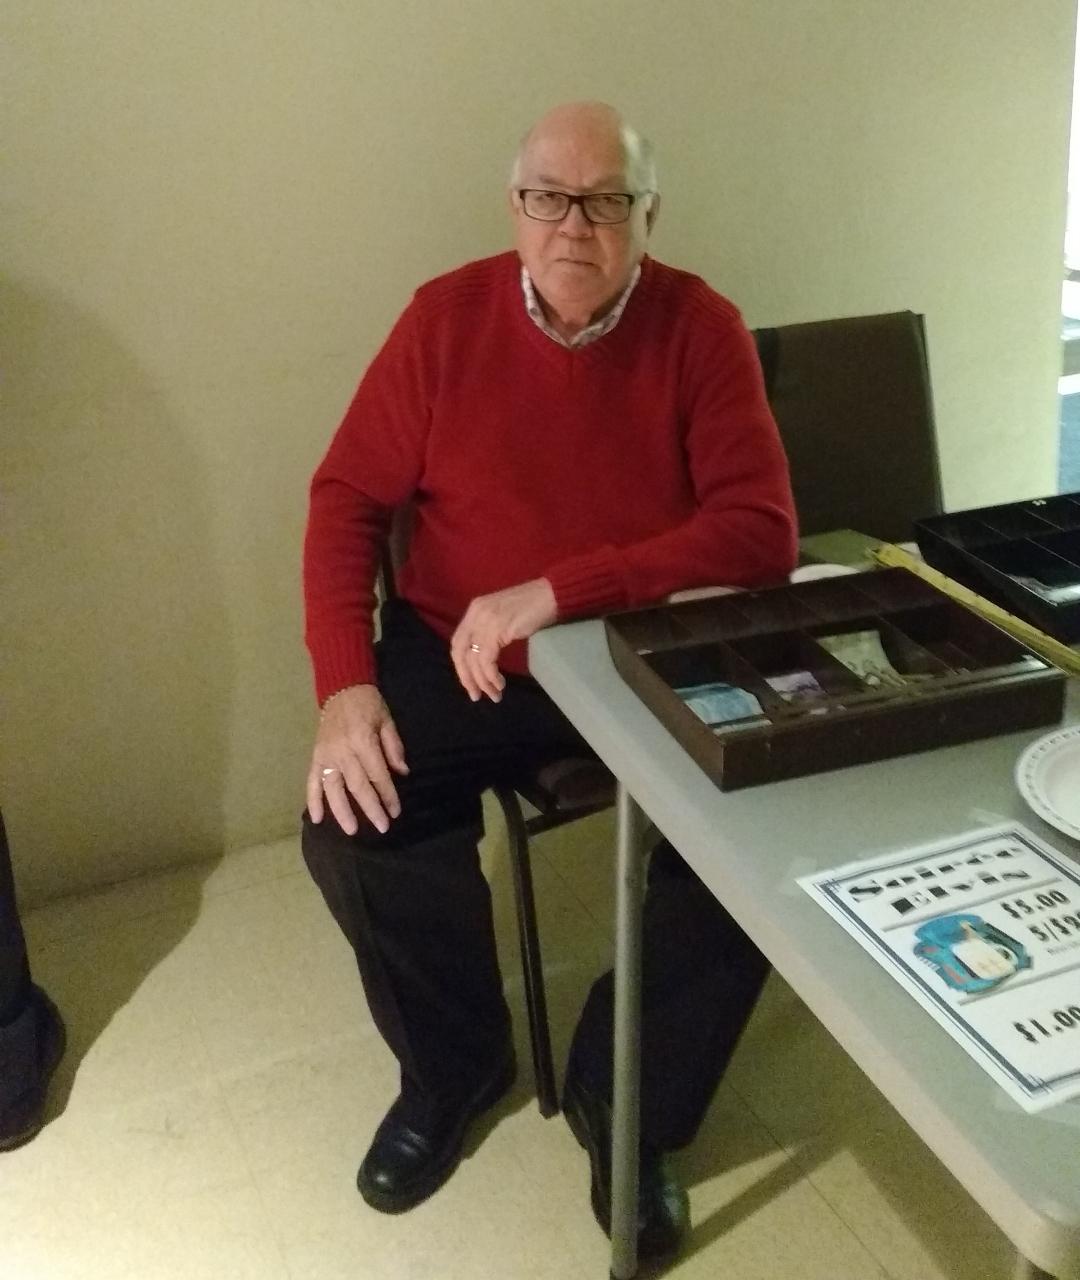 Voici Marcel Levesque, Depute Grand Chevalier, a la table de la vente des billets.